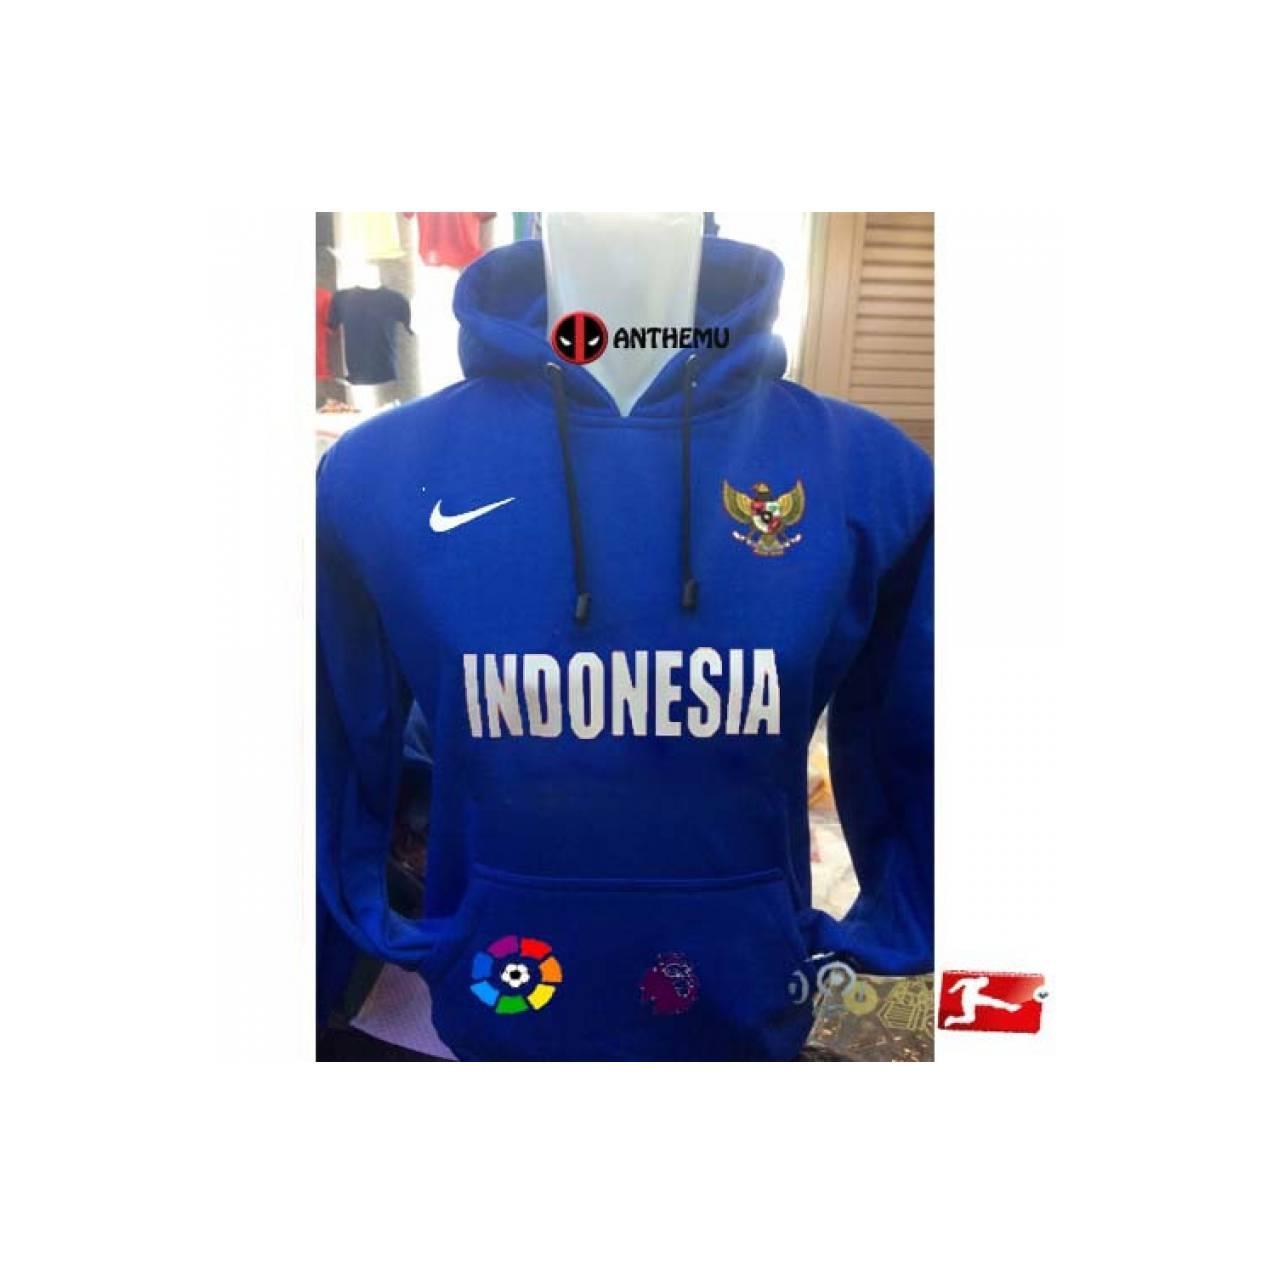 Jaket Hoodie Timnas Indonesia New 2017 Spec Dan Daftar Harga Hitam Merah Sweater Bola Team Nasional Biru Jersey Hargalokacom